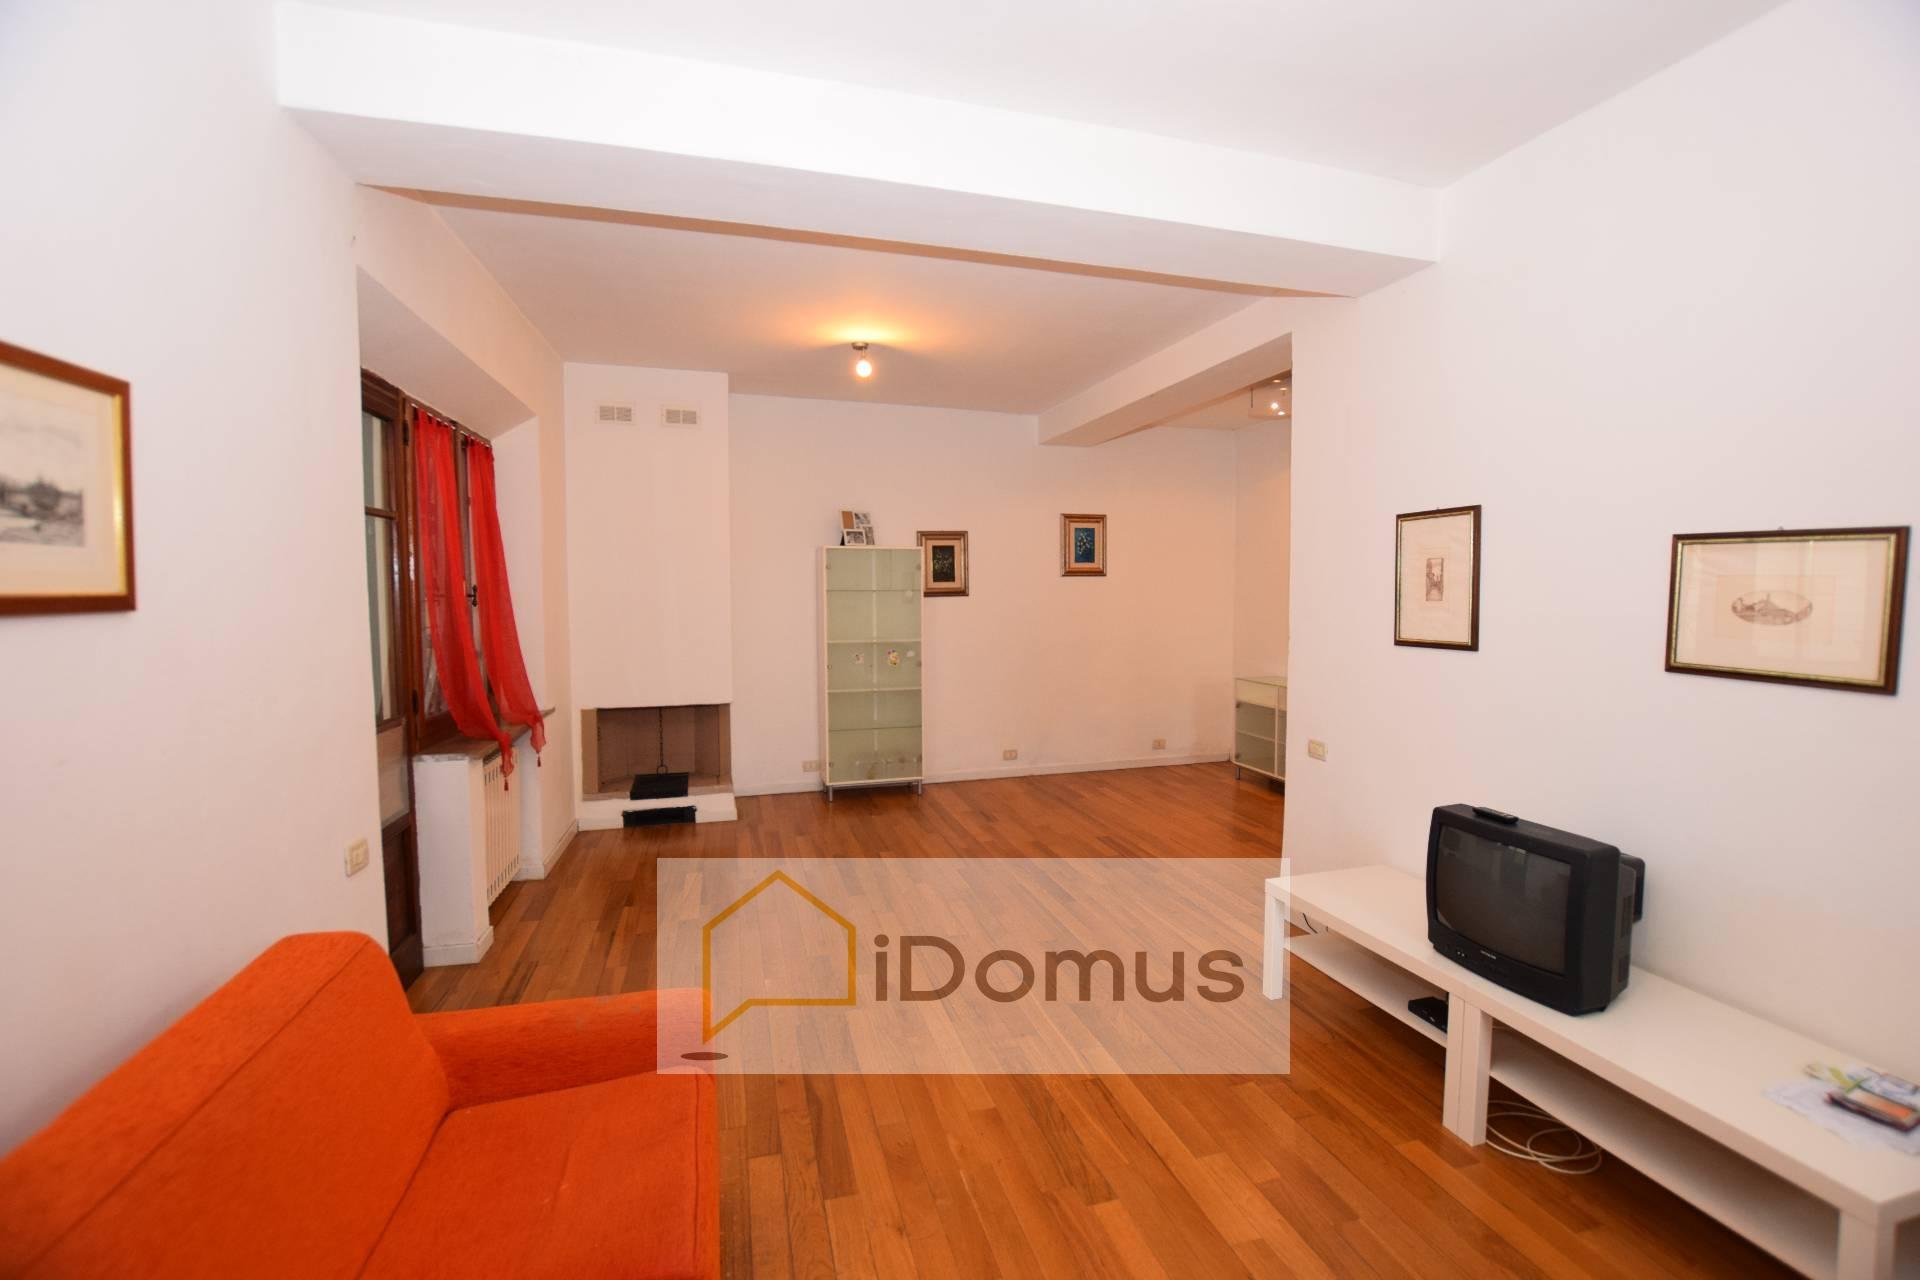 Appartamento in vendita a Pisa, 4 locali, zona Località: Portaamare, prezzo € 225.000 | CambioCasa.it